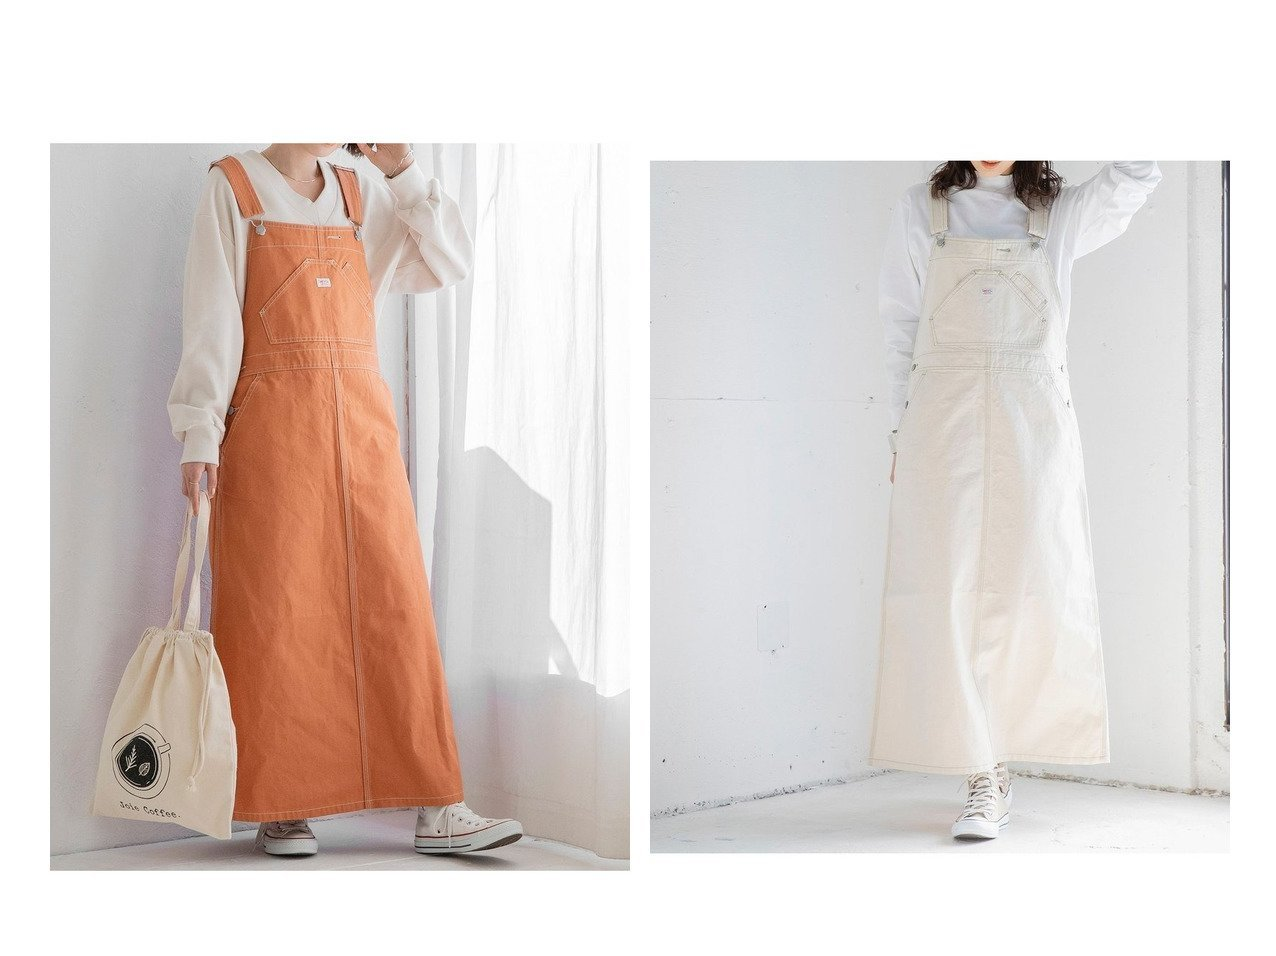 【COEN/コーエン】のSMITH S(スミス)別注オーバーオールスカート(ジャンパースカート/ジャンスカ/サロペット) 別注・限定・コラボなど、おすすめ!人気トレンド・レディースファッション通販 おすすめで人気の流行・トレンド、ファッションの通販商品 メンズファッション・キッズファッション・インテリア・家具・レディースファッション・服の通販 founy(ファニー) https://founy.com/ ファッション Fashion レディースファッション WOMEN スカート Skirt アメリカン インナー サロペット ジャンスカ スウェット スニーカー ニューヨーク 人気 フロント ベーシック ポケット 別注 ワンポイント ワーク 2021年 2021 再入荷 Restock/Back in Stock/Re Arrival S/S 春夏 SS Spring/Summer 2021 春夏 S/S SS Spring/Summer 2021 NEW・新作・新着・新入荷 New Arrivals |ID:crp329100000014639